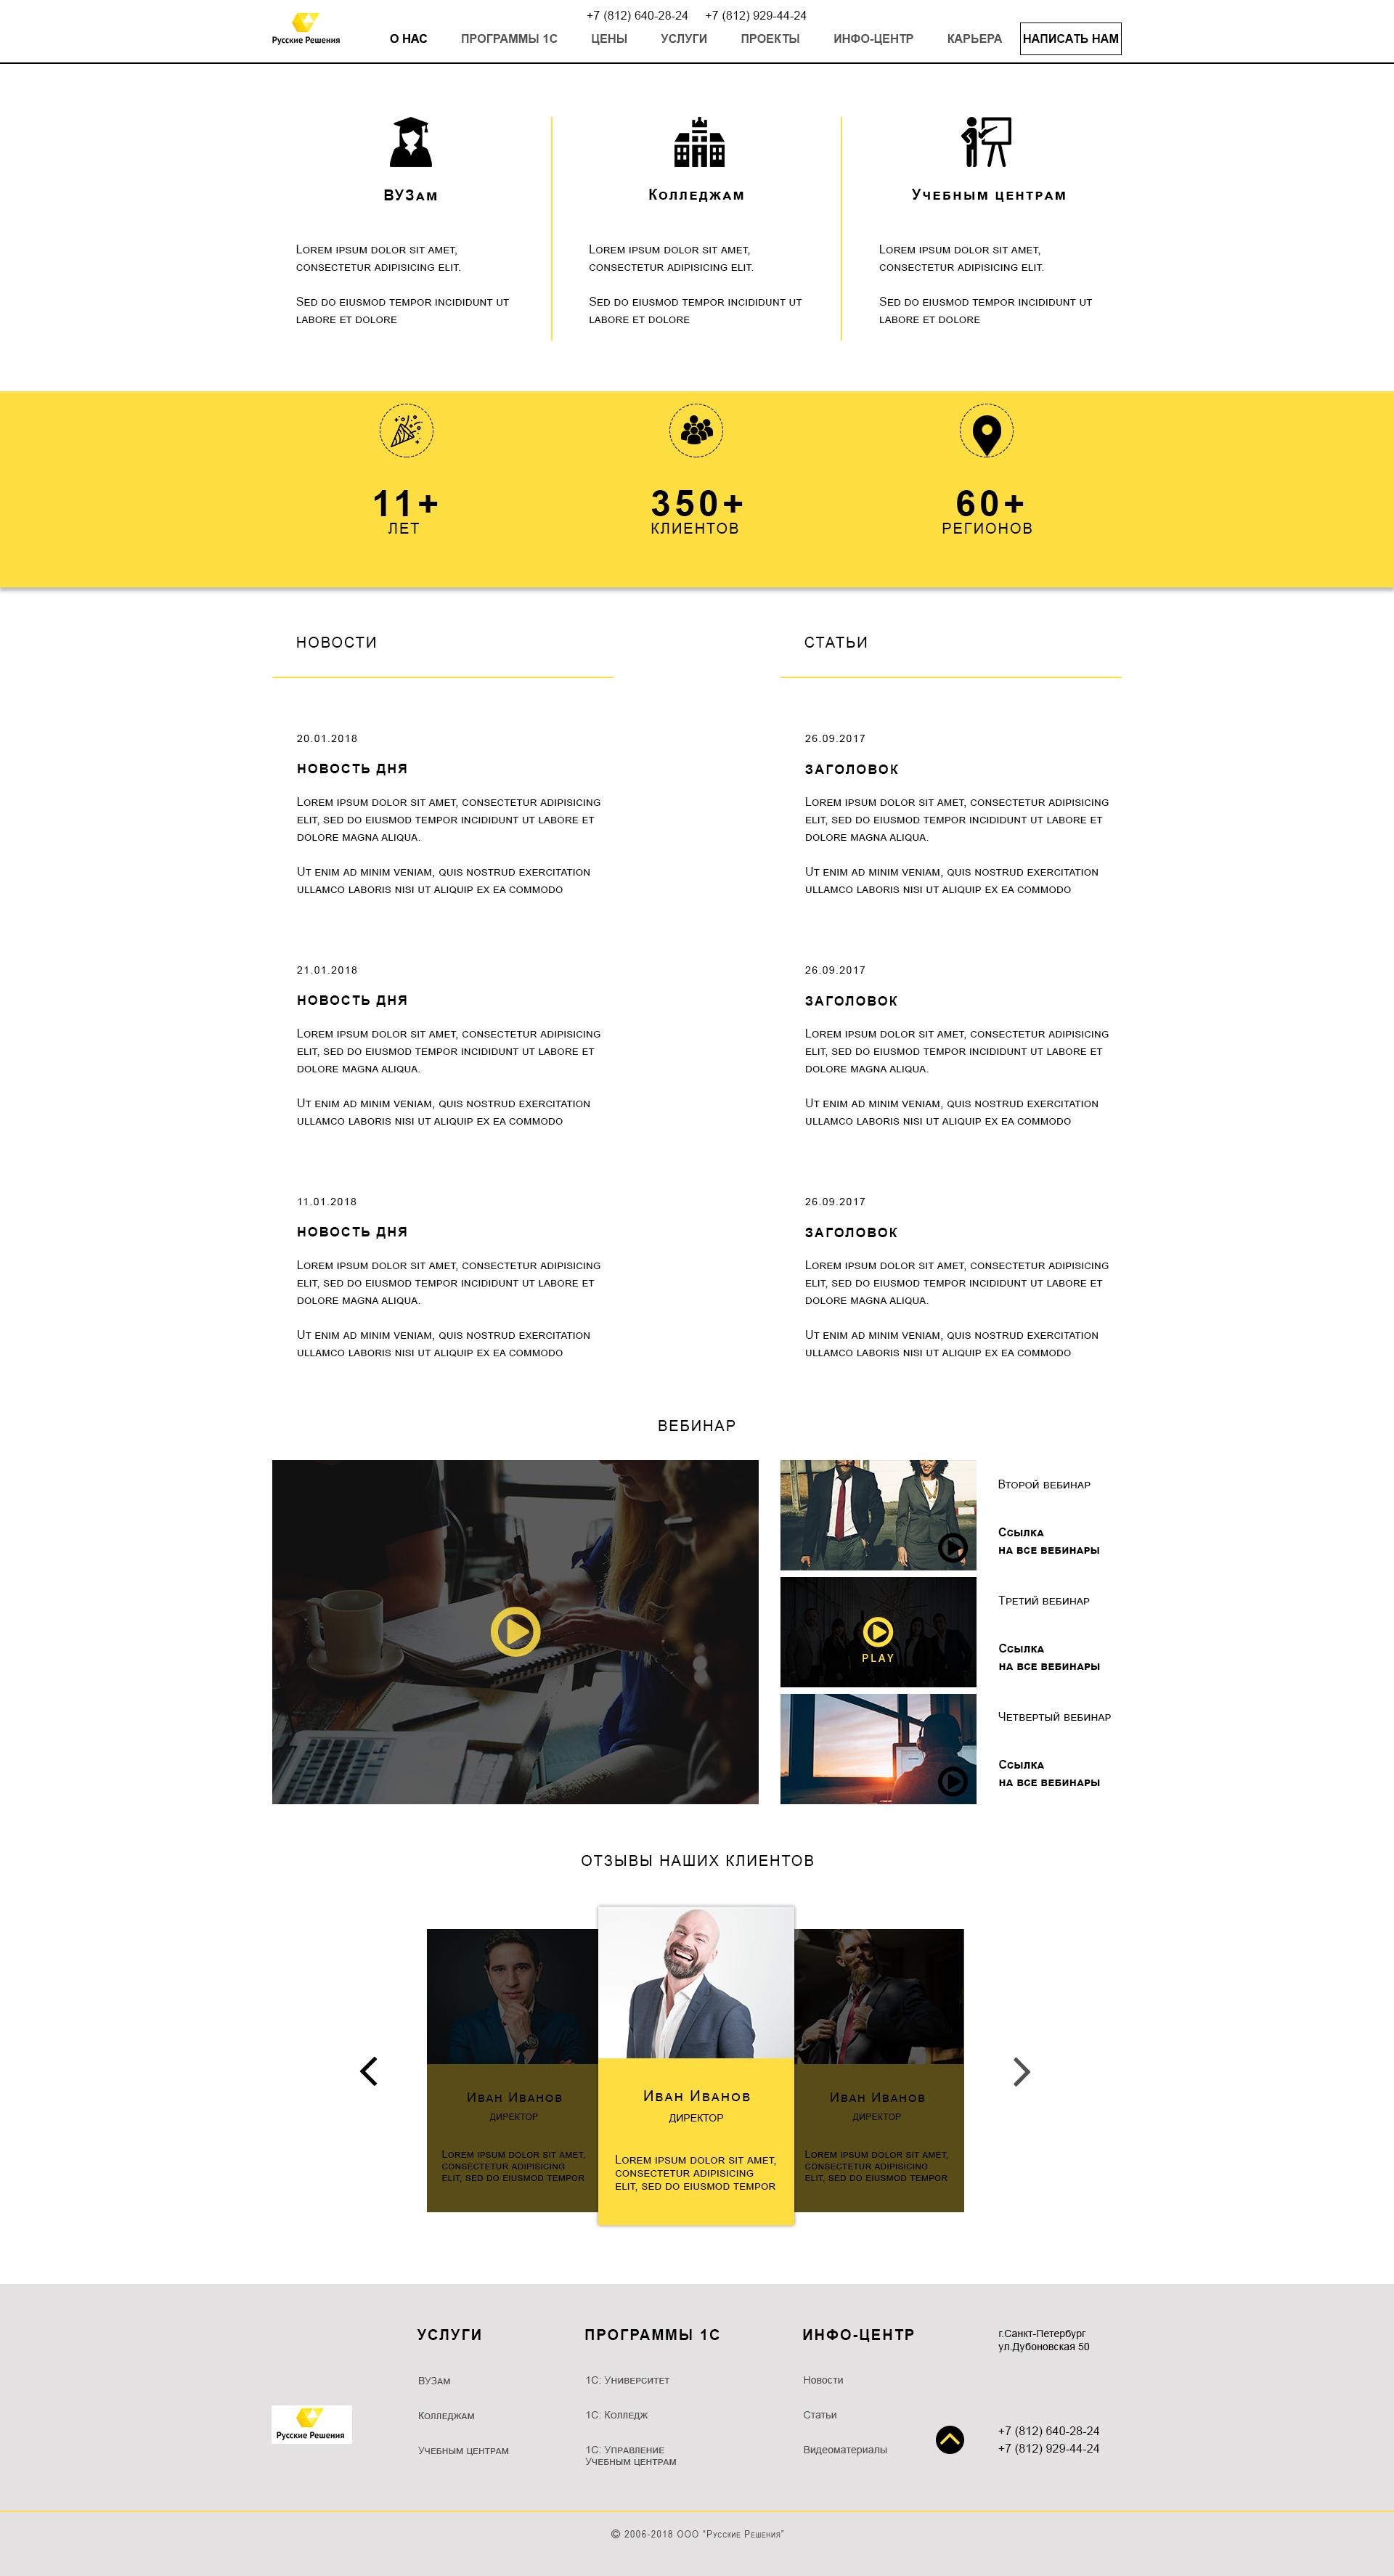 Дизайн главной страницы сайта фото f_5575a5a873718fe2.jpg